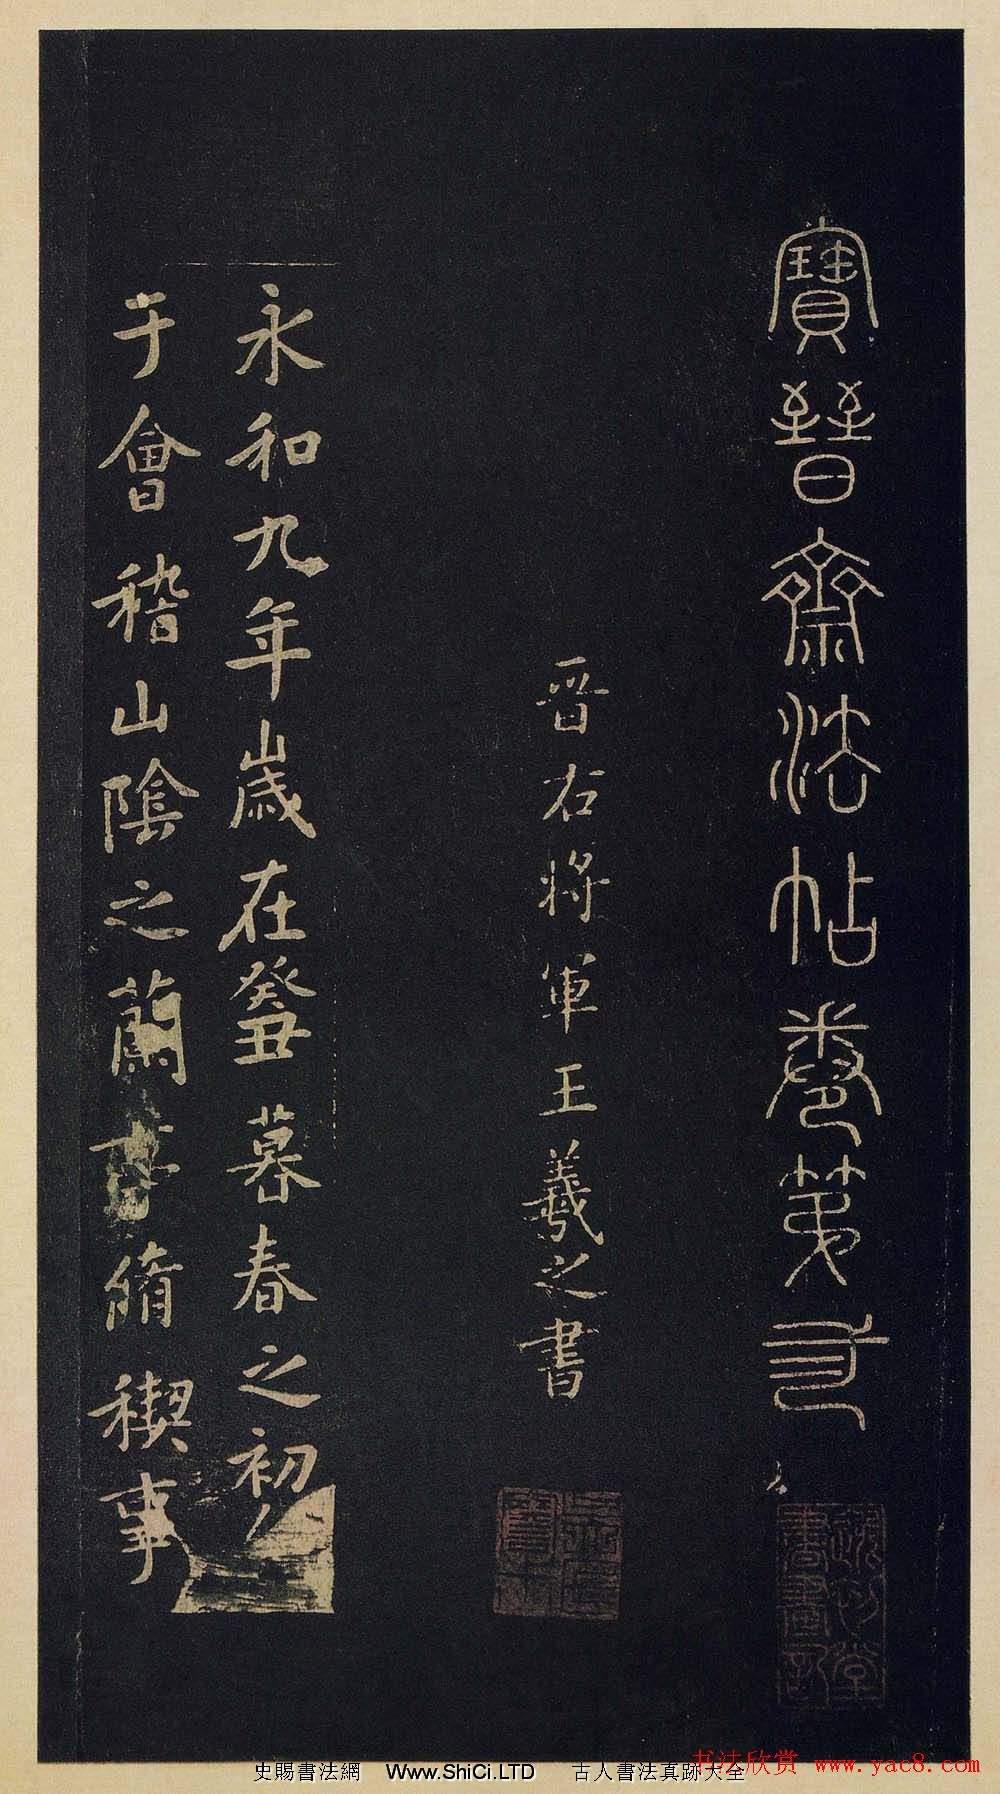 宋拓書法字帖《寶晉齋法帖》卷第二(共15張圖片)